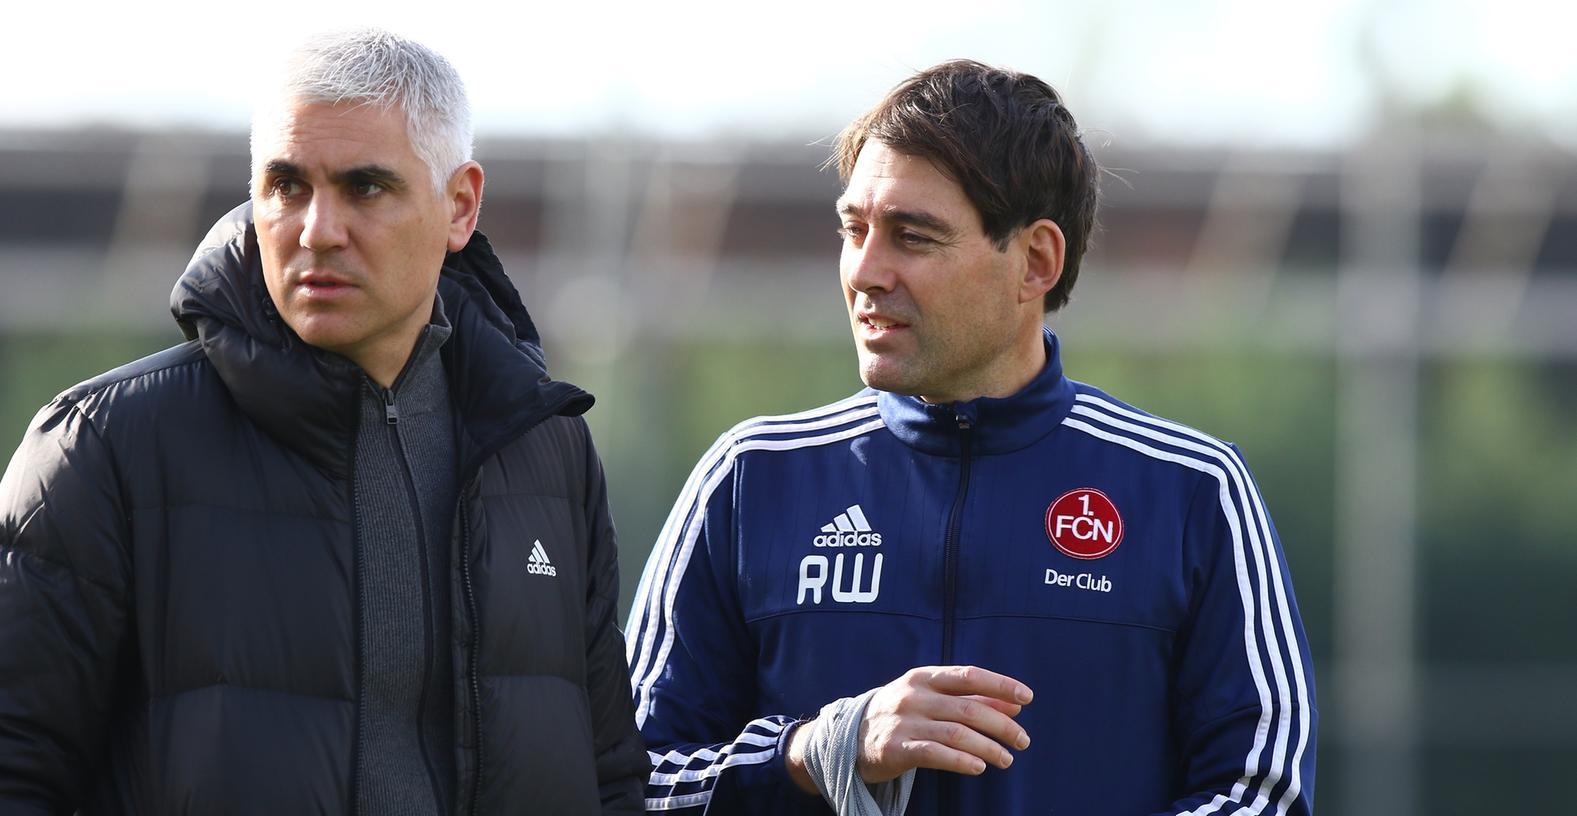 Erweist sich als zäher Verhandlungspartner: Club-Sportvorstand Andreas Bornemann (links), der eine möglichst hohe Ablösesumme für Trainer René Weiler fordert.